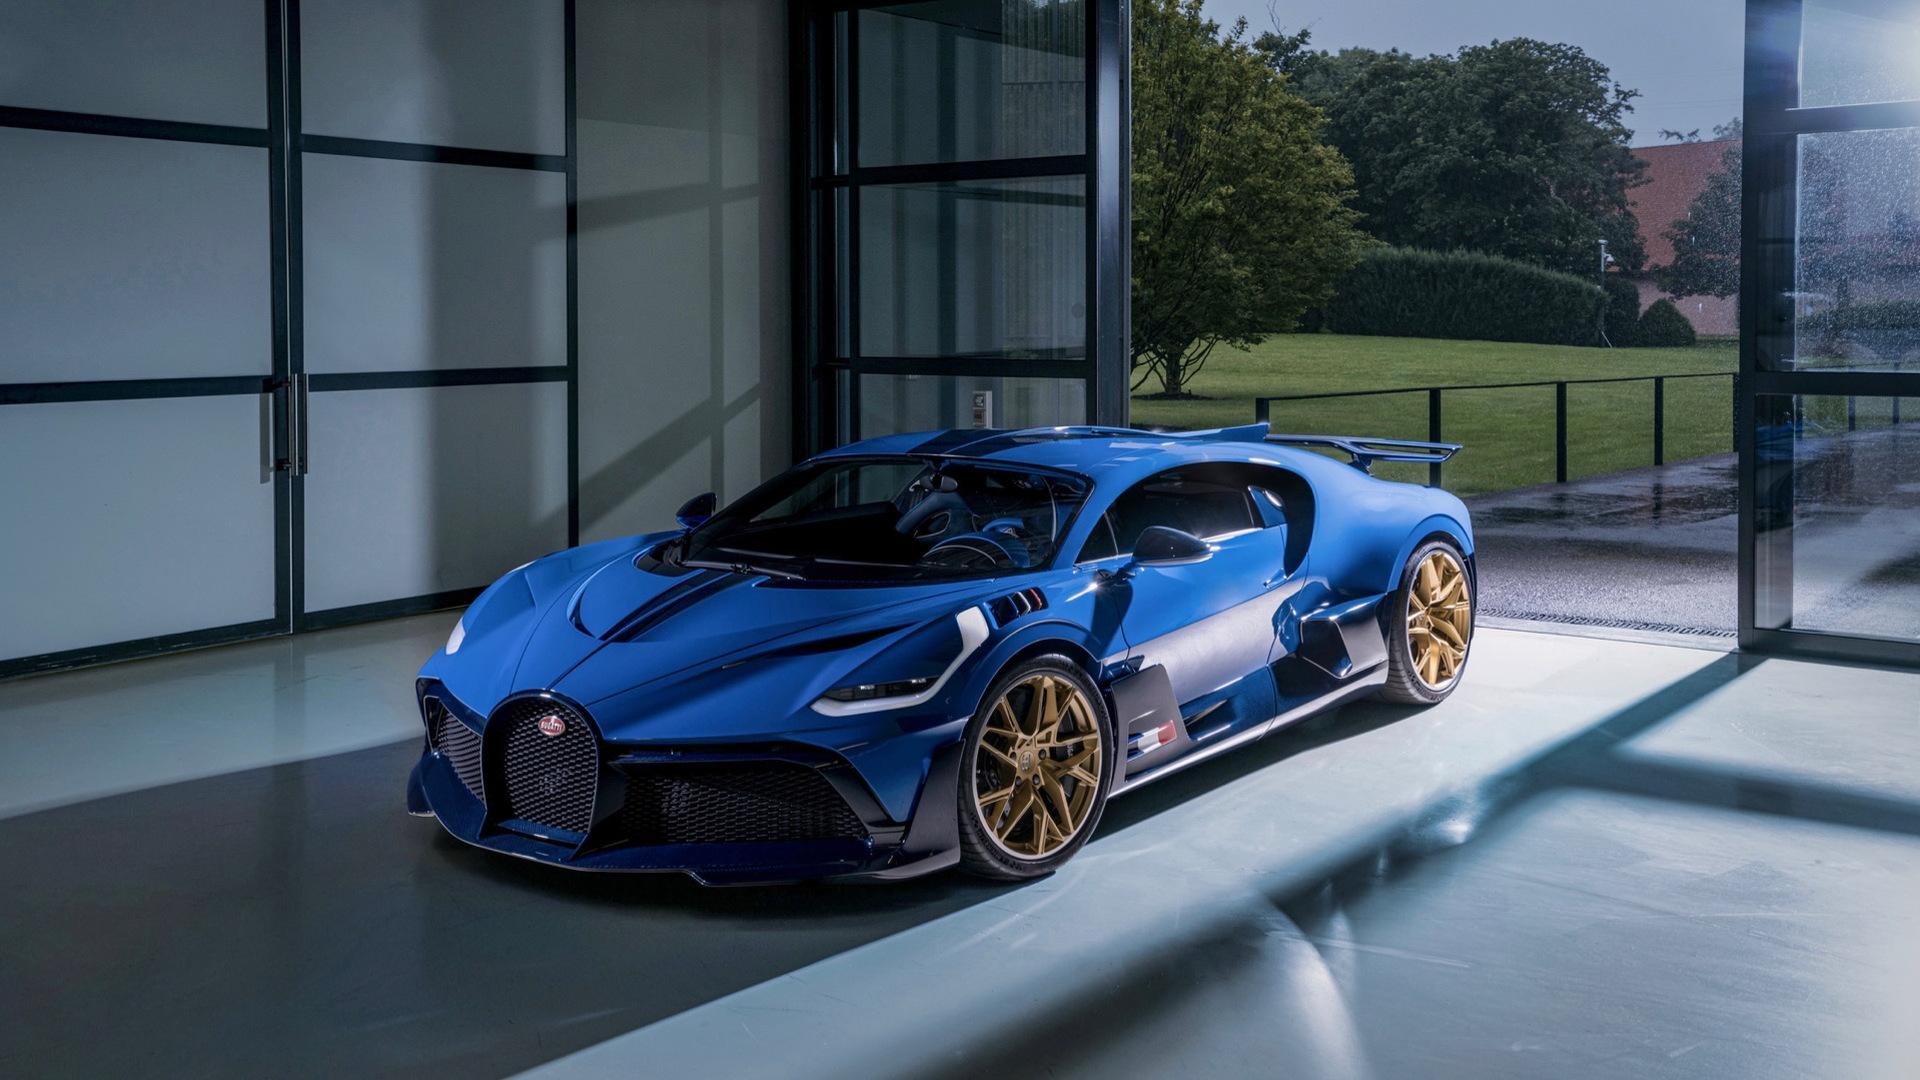 The final Bugatti Divo